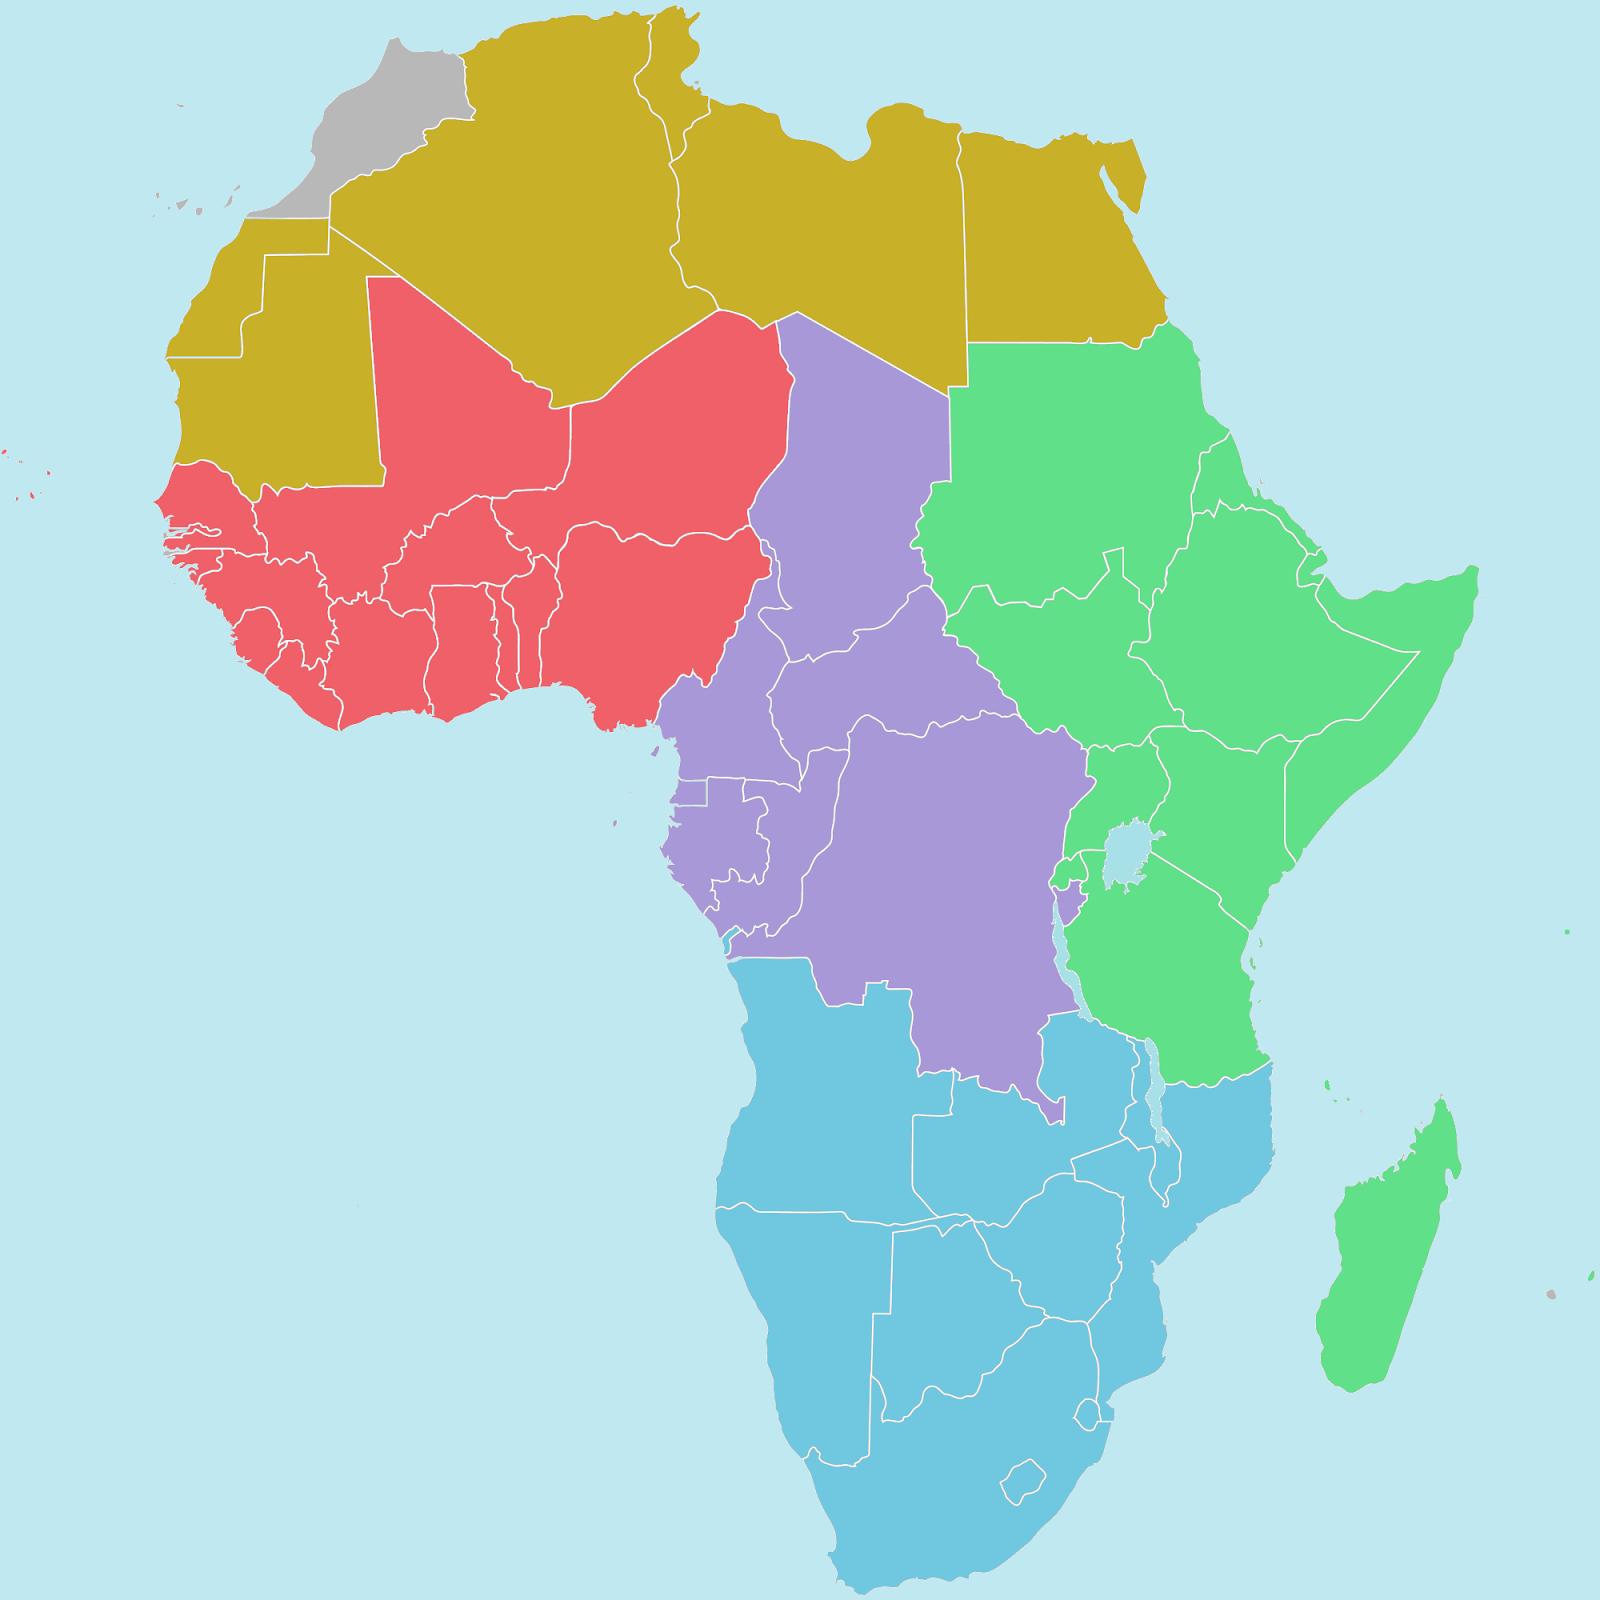 них отменное, африка территория картинки остались